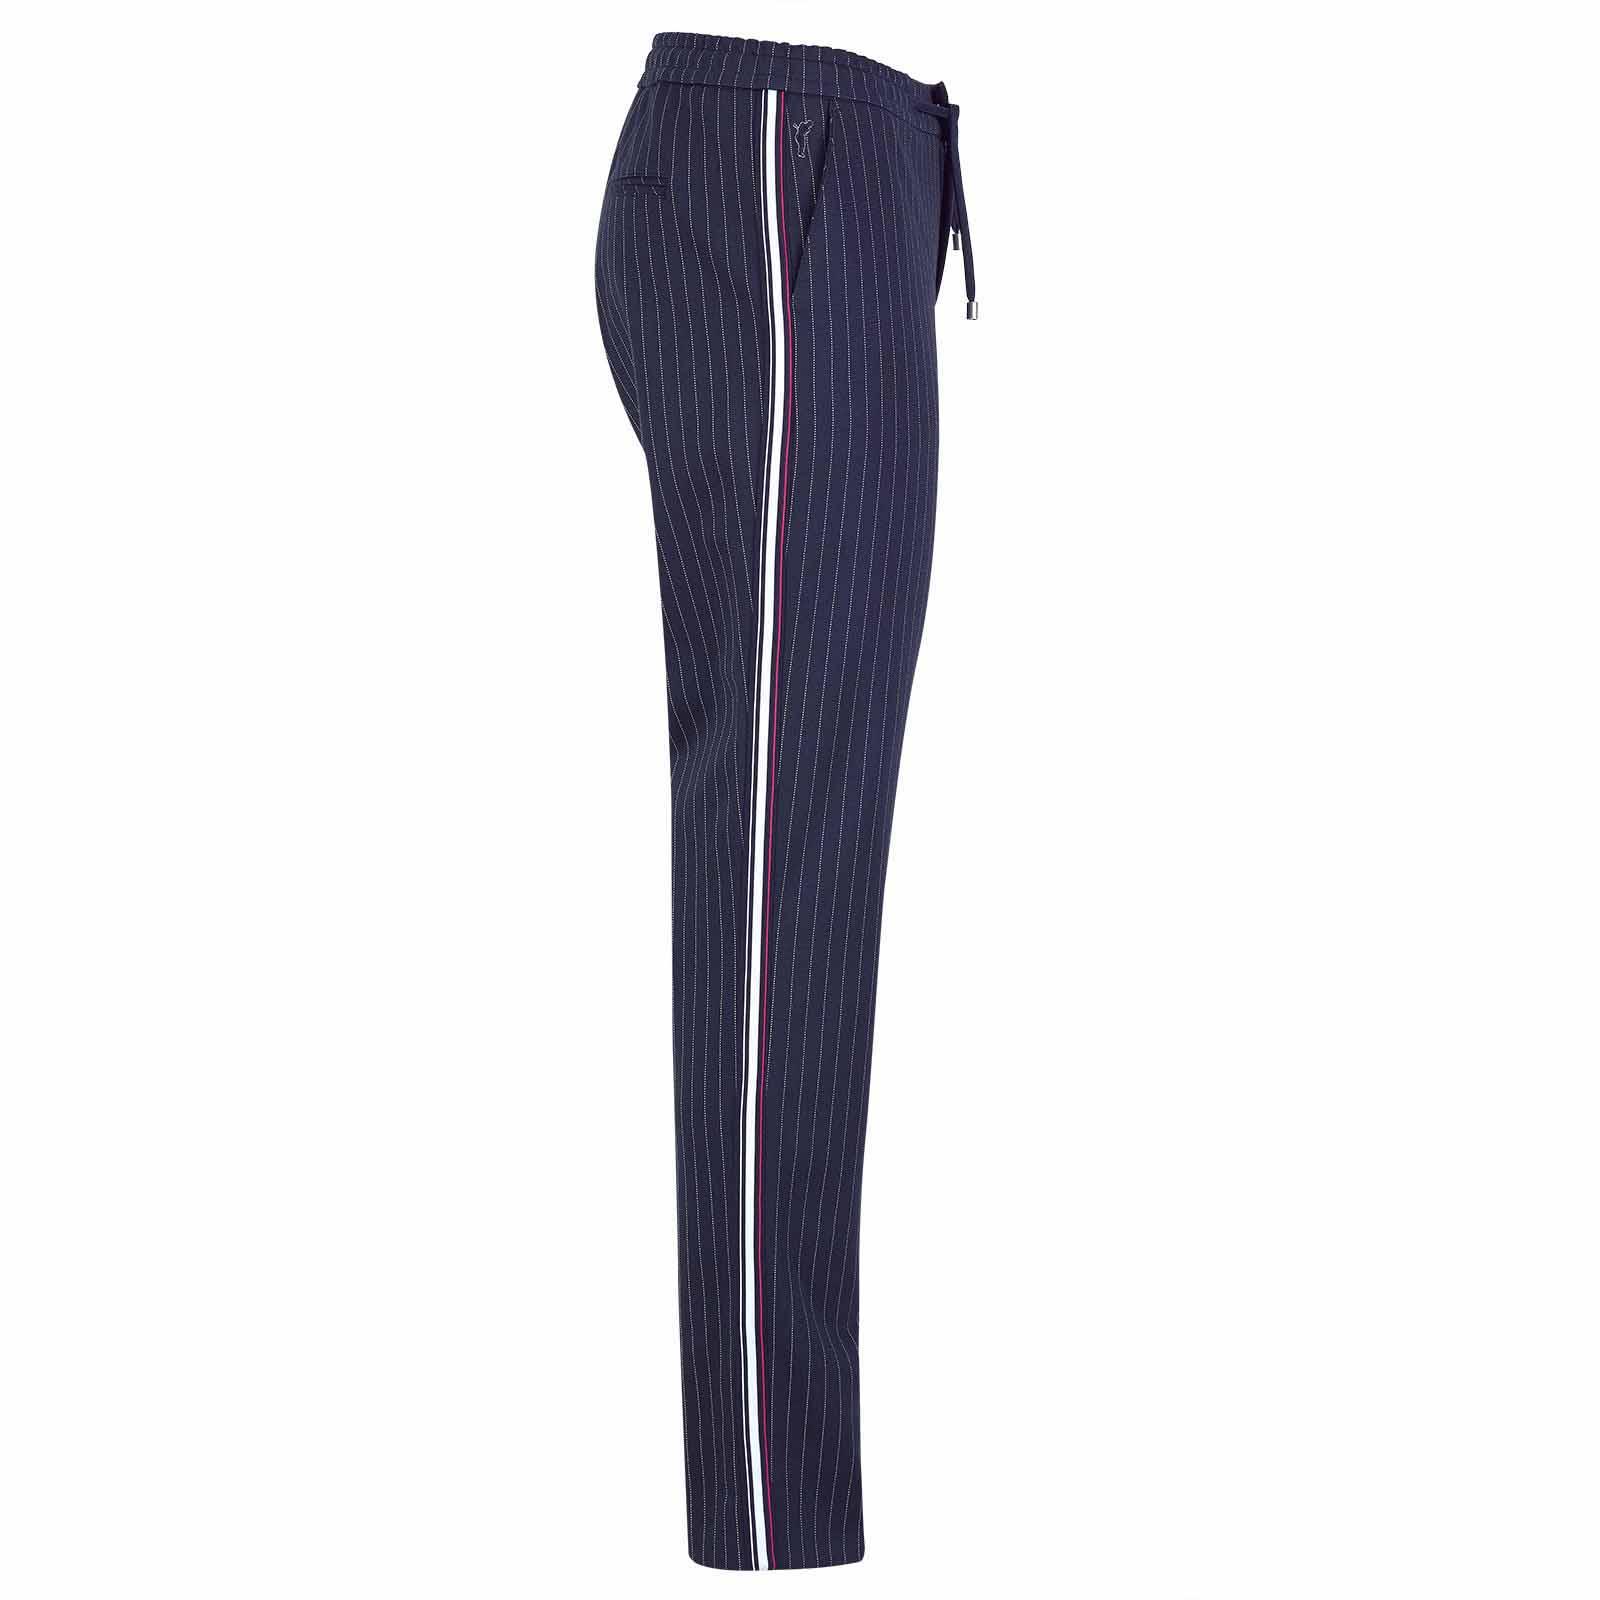 Damen 7/8 Nadelstreifen Golfhose in Slim Fit mit Stretchfunktion